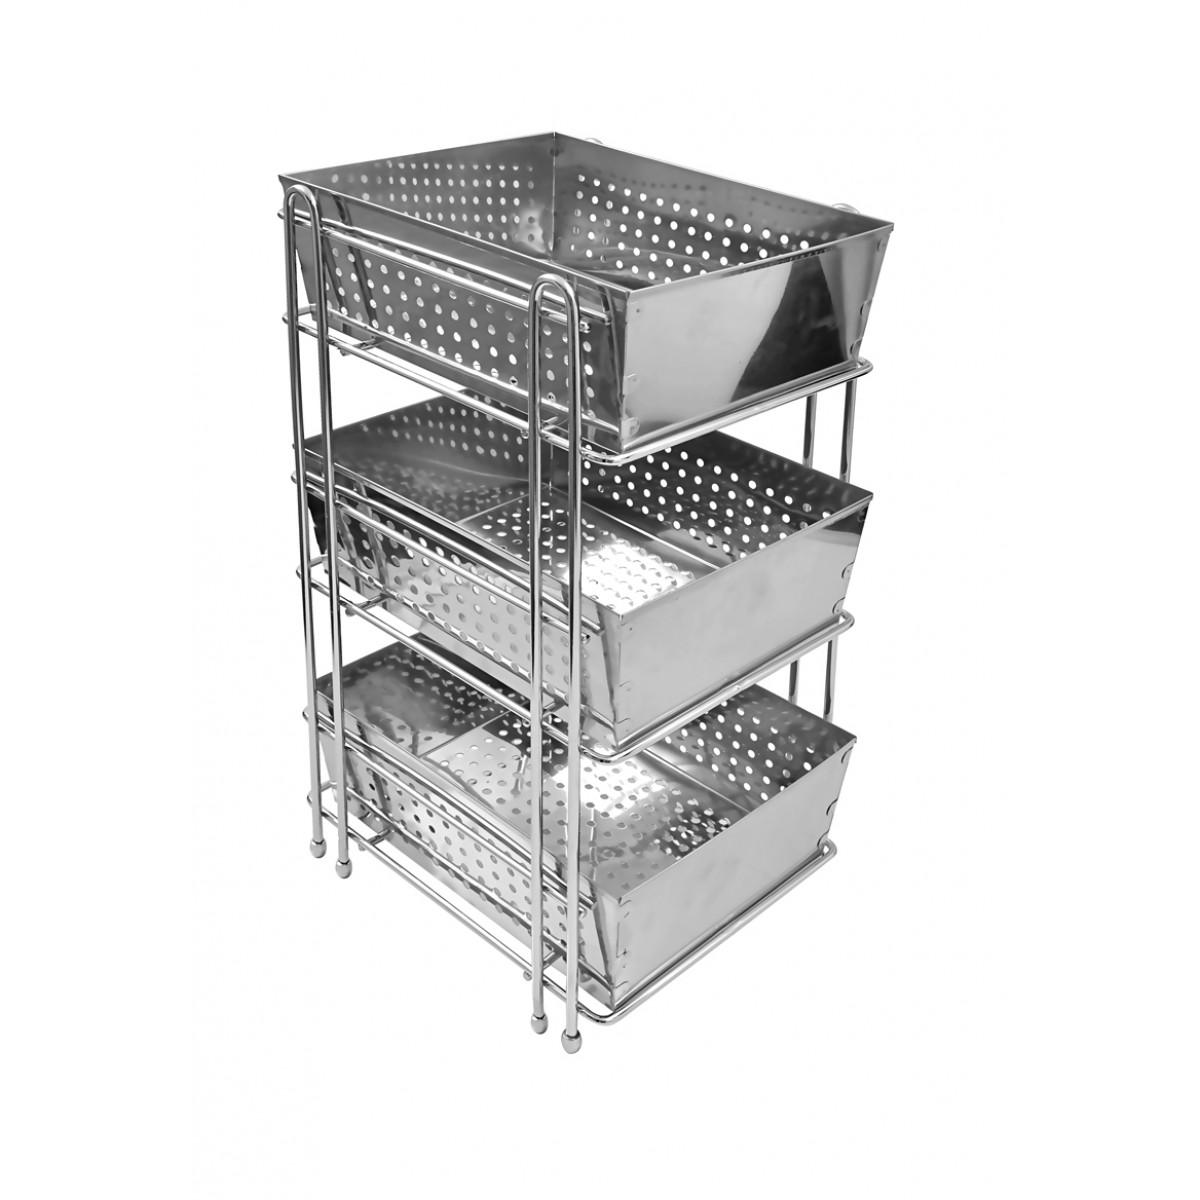 Klaxon Stainless Steel Three Shelf Kitchen Basket Silver